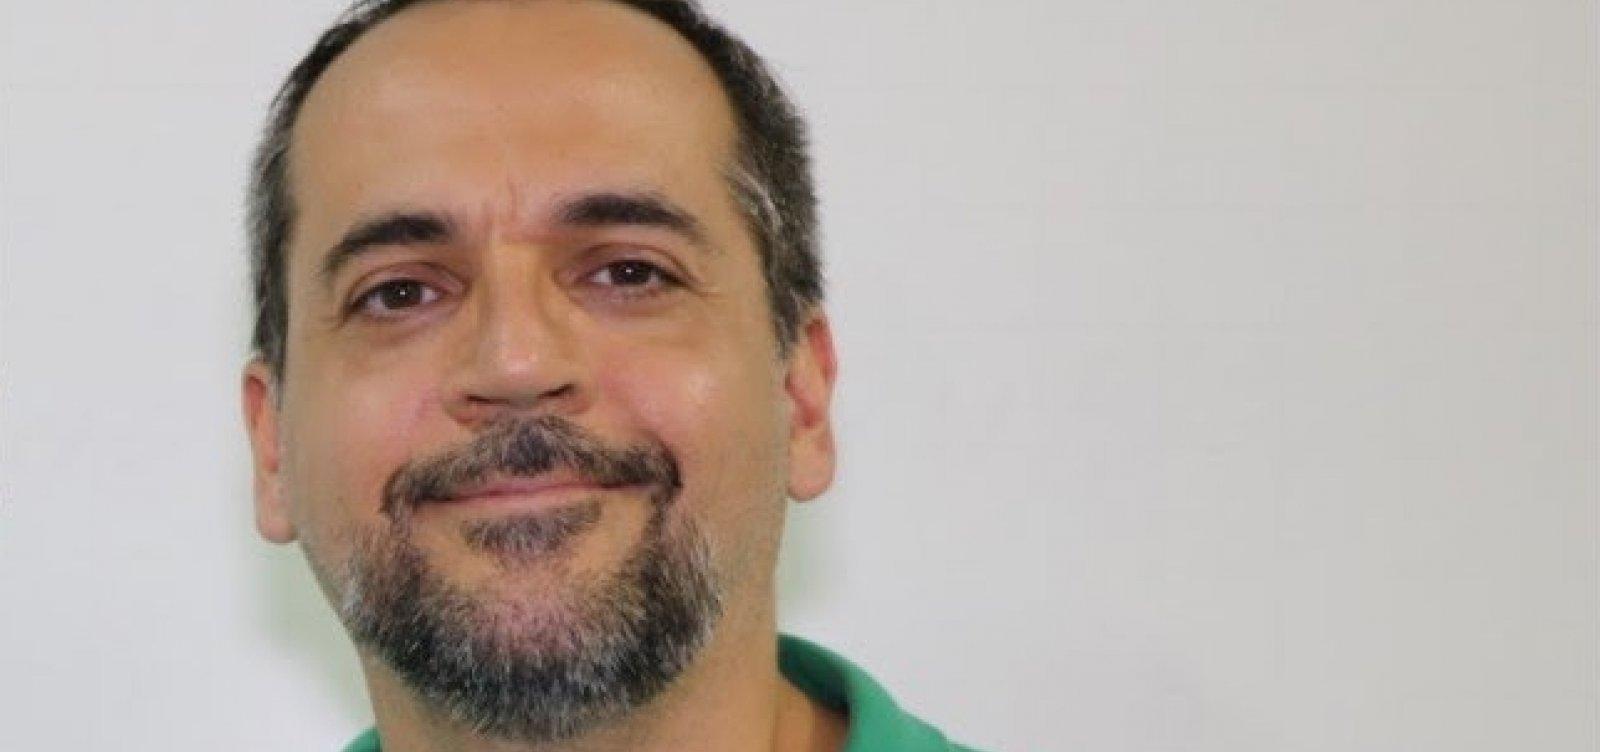 Novo ministro da Educação é fã das teorias de Olavo de Carvalho